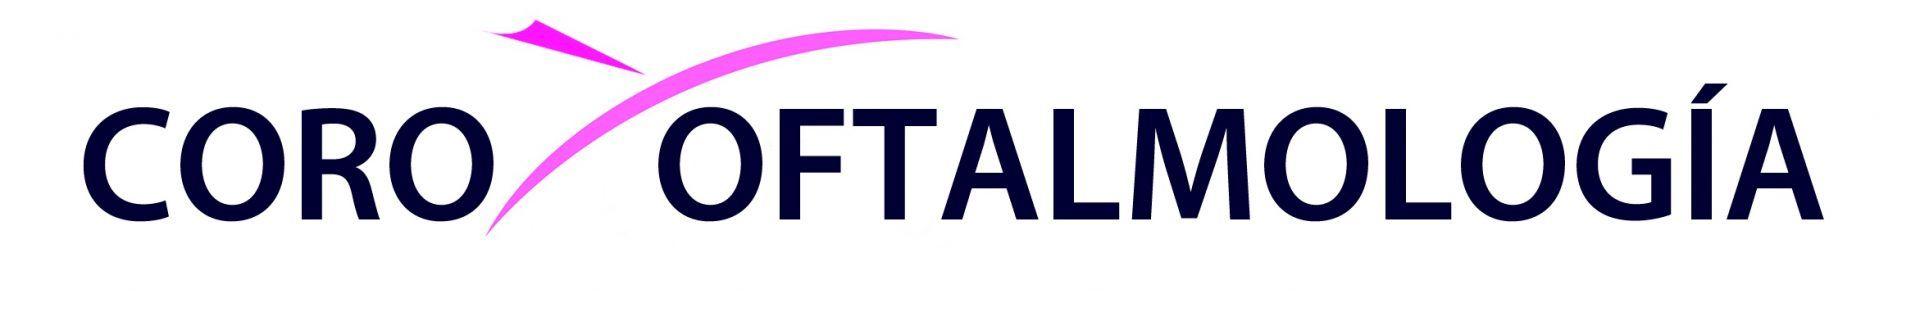 Nuevo Logo Oftalmologia 2015